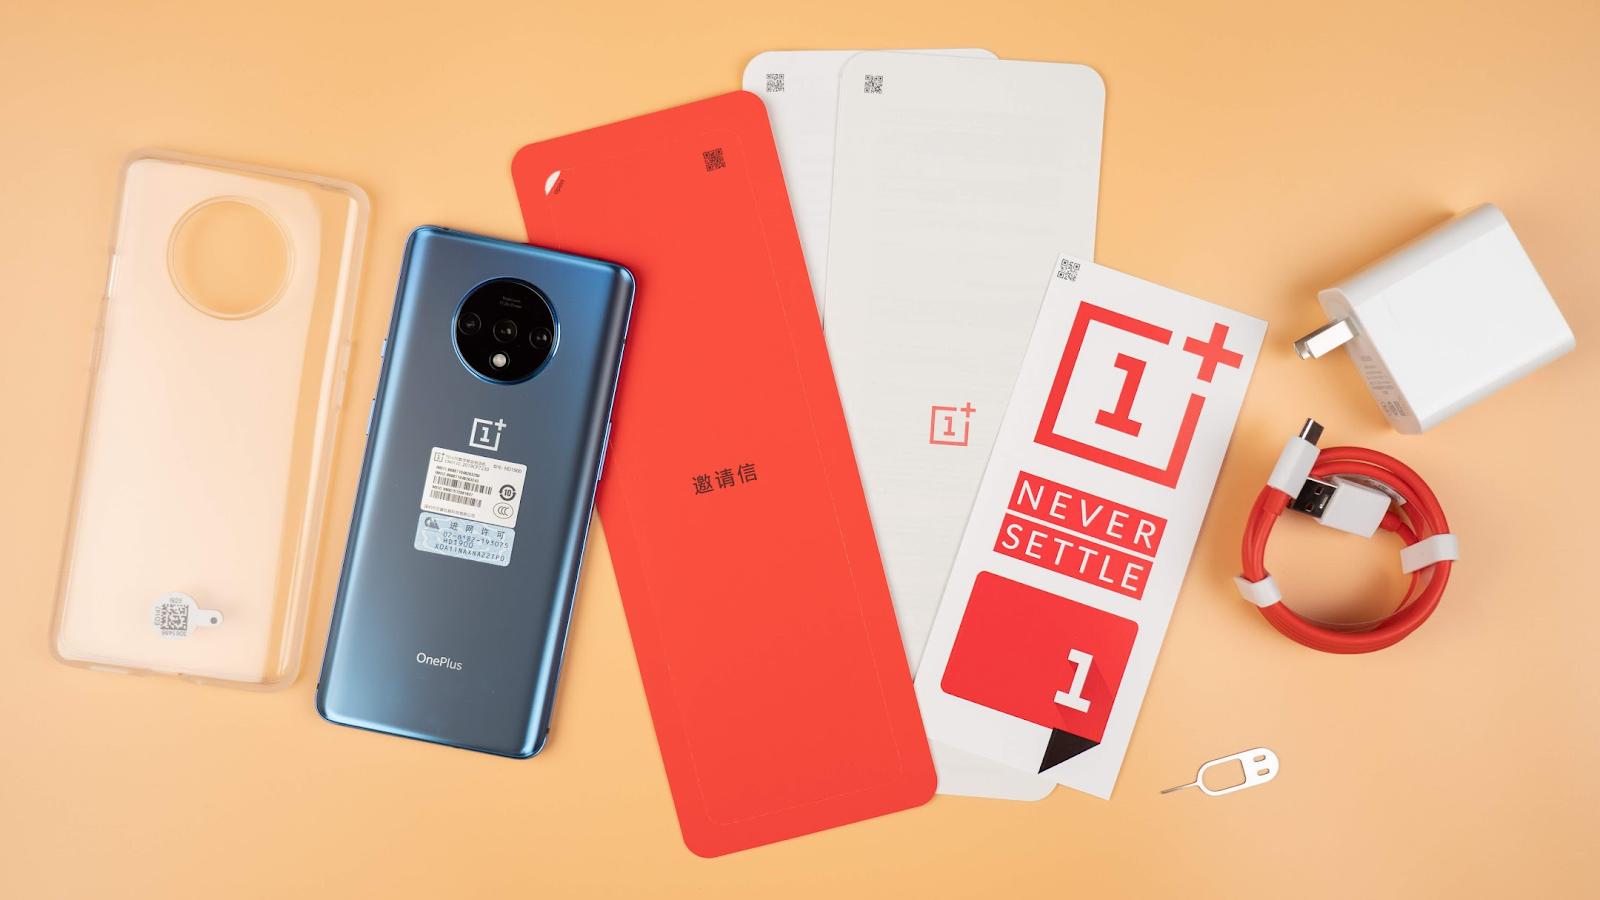 開箱在京東買的一加 OnePlus 7T!該怎麼安裝 Google、刷氧OS? - 2